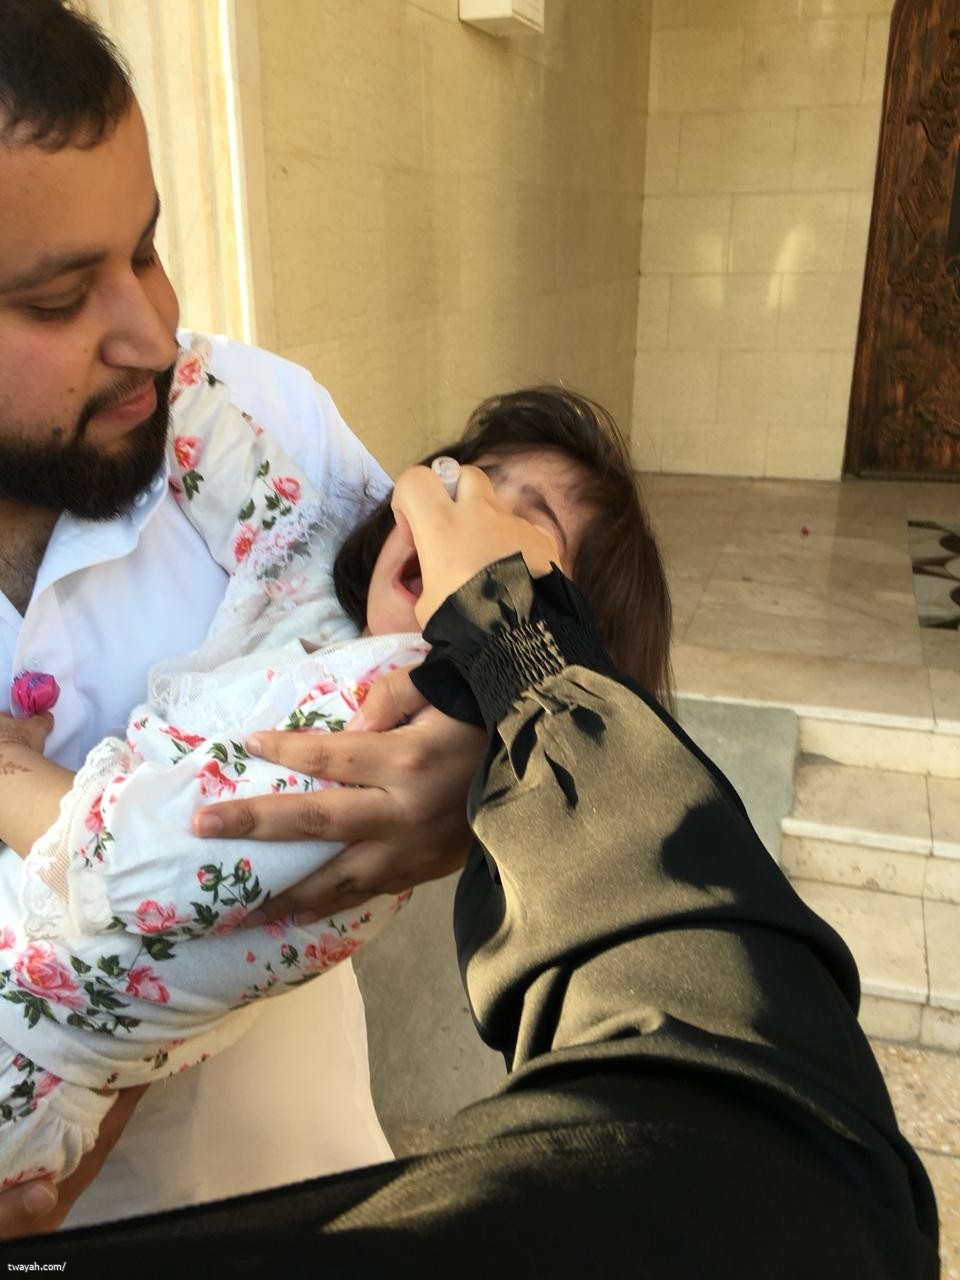 مركز صحي بطحاء قريش ينفذ الحملة الميدانية لشلل الأطفال الجرعة الثانية